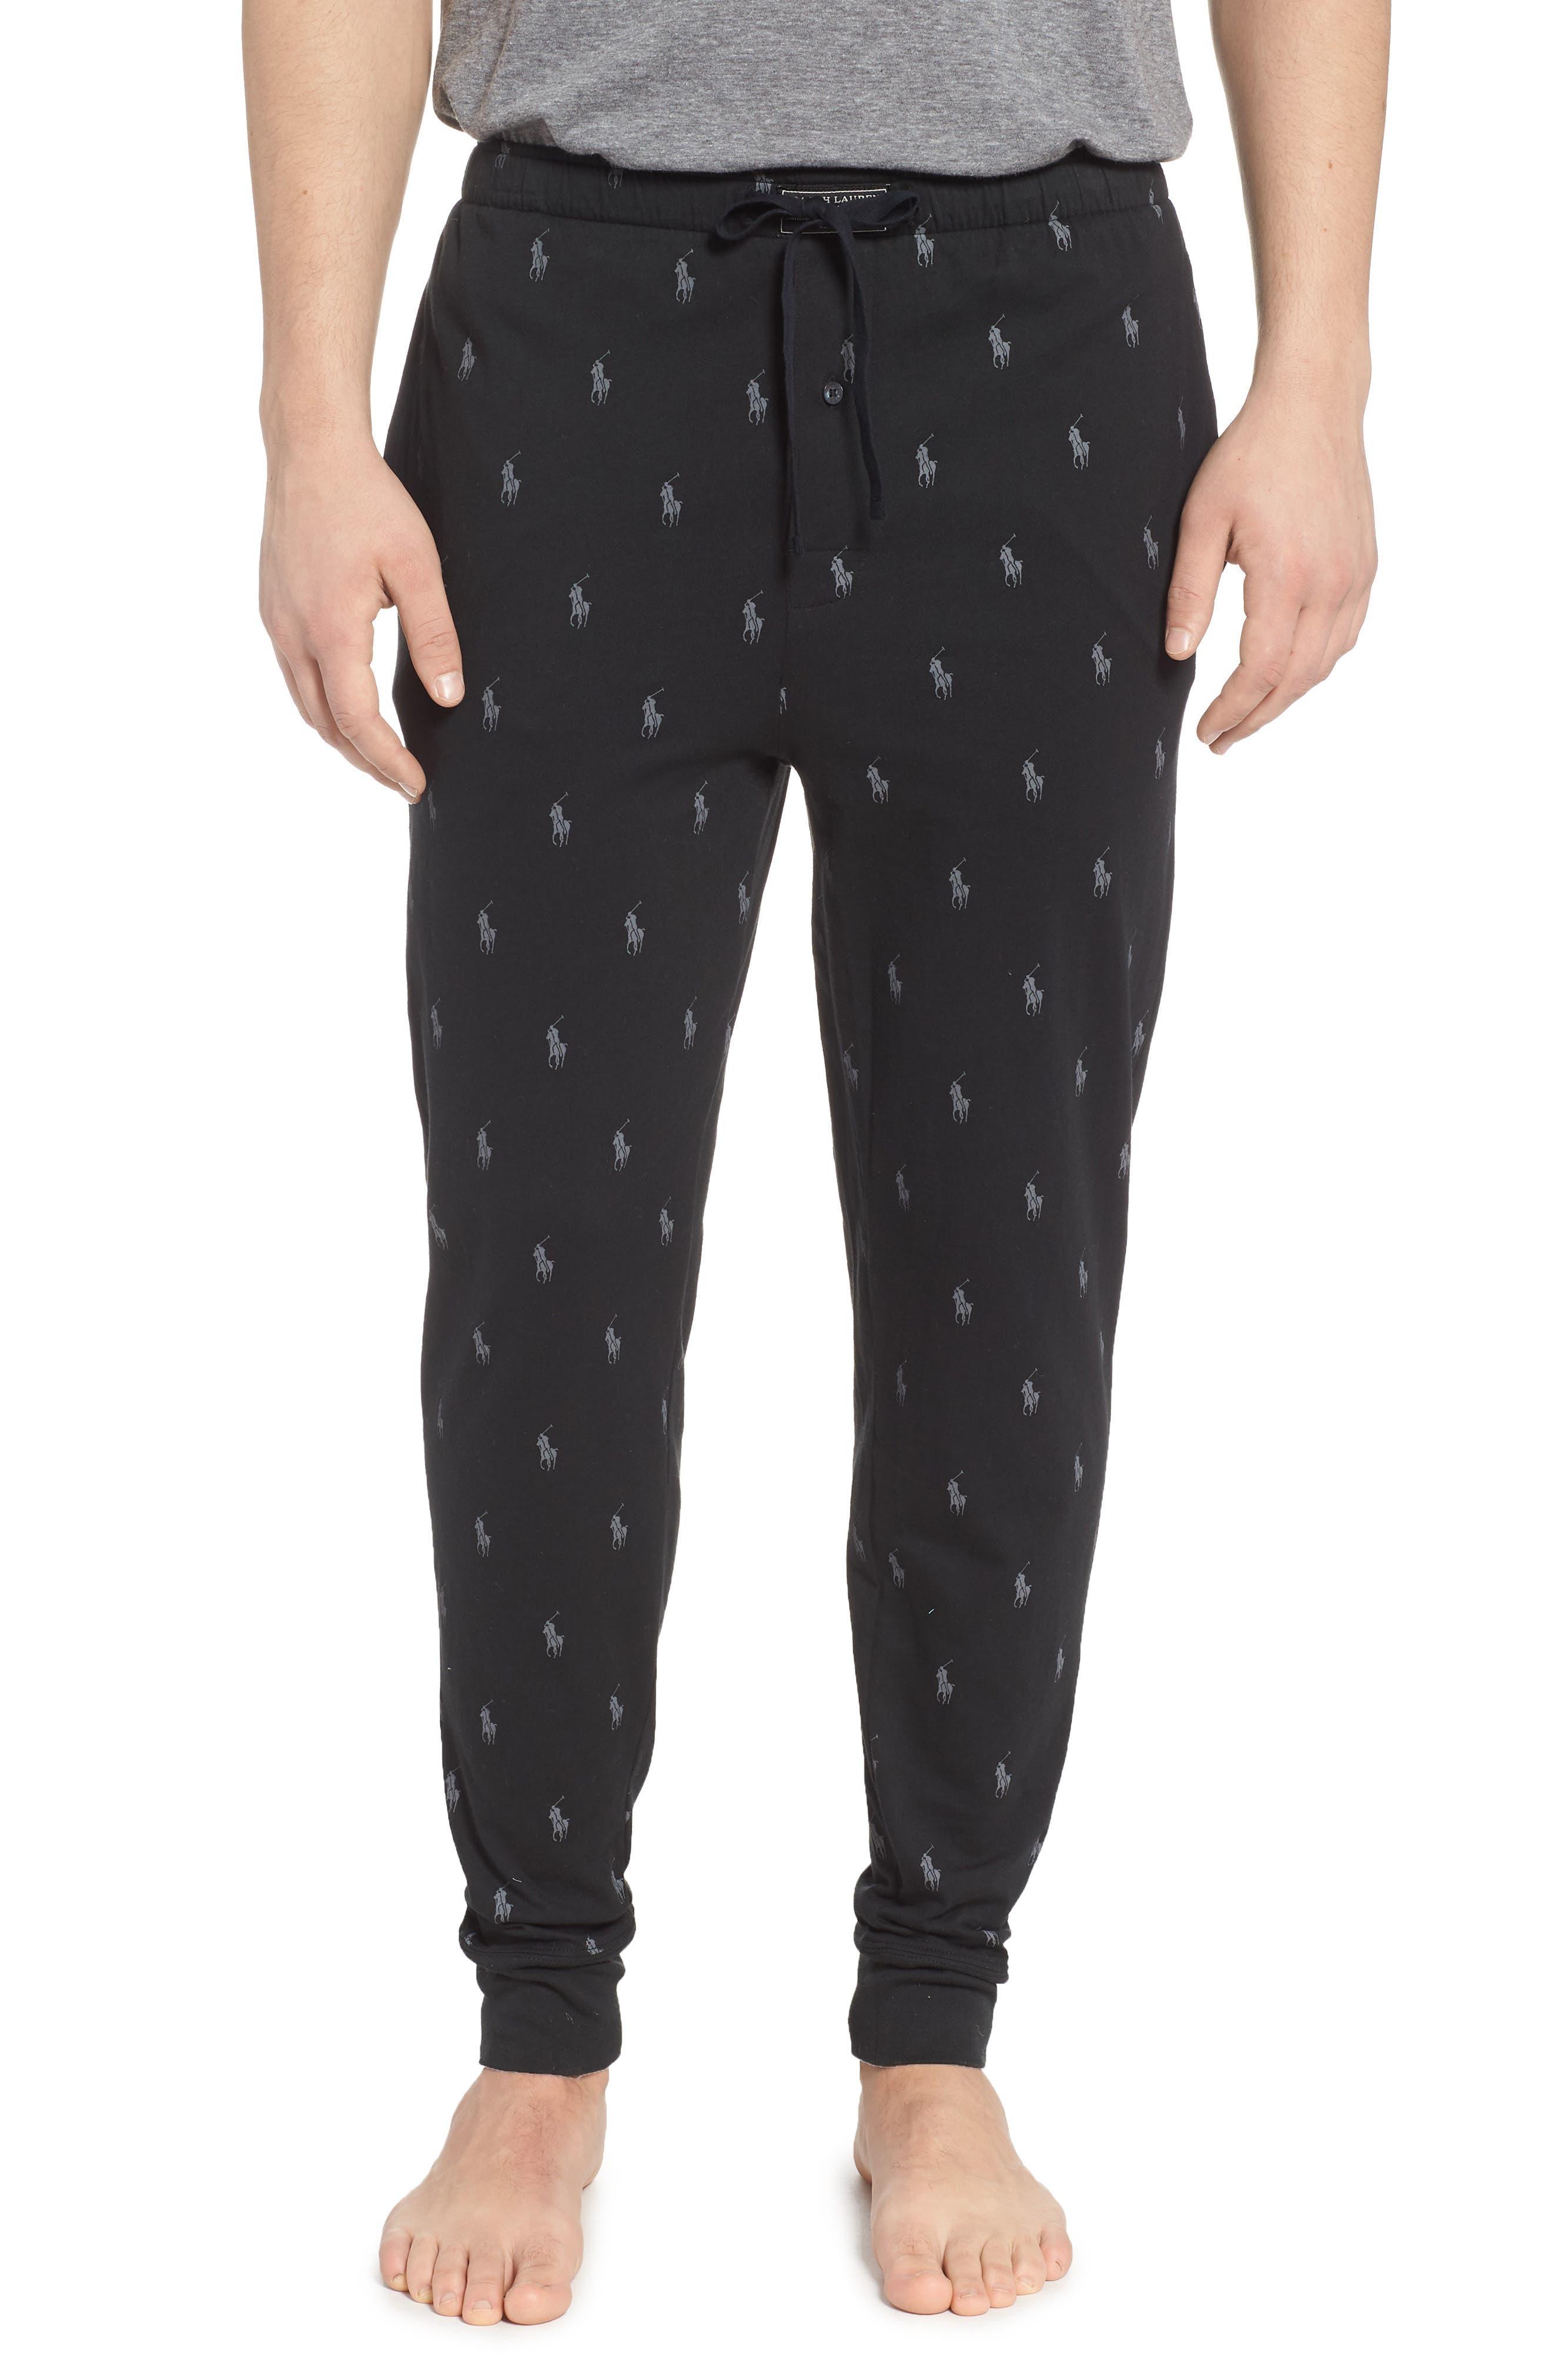 POLO RALPH LAUREN Pony Print Pajama Pants, Main, color, POLO BLACK